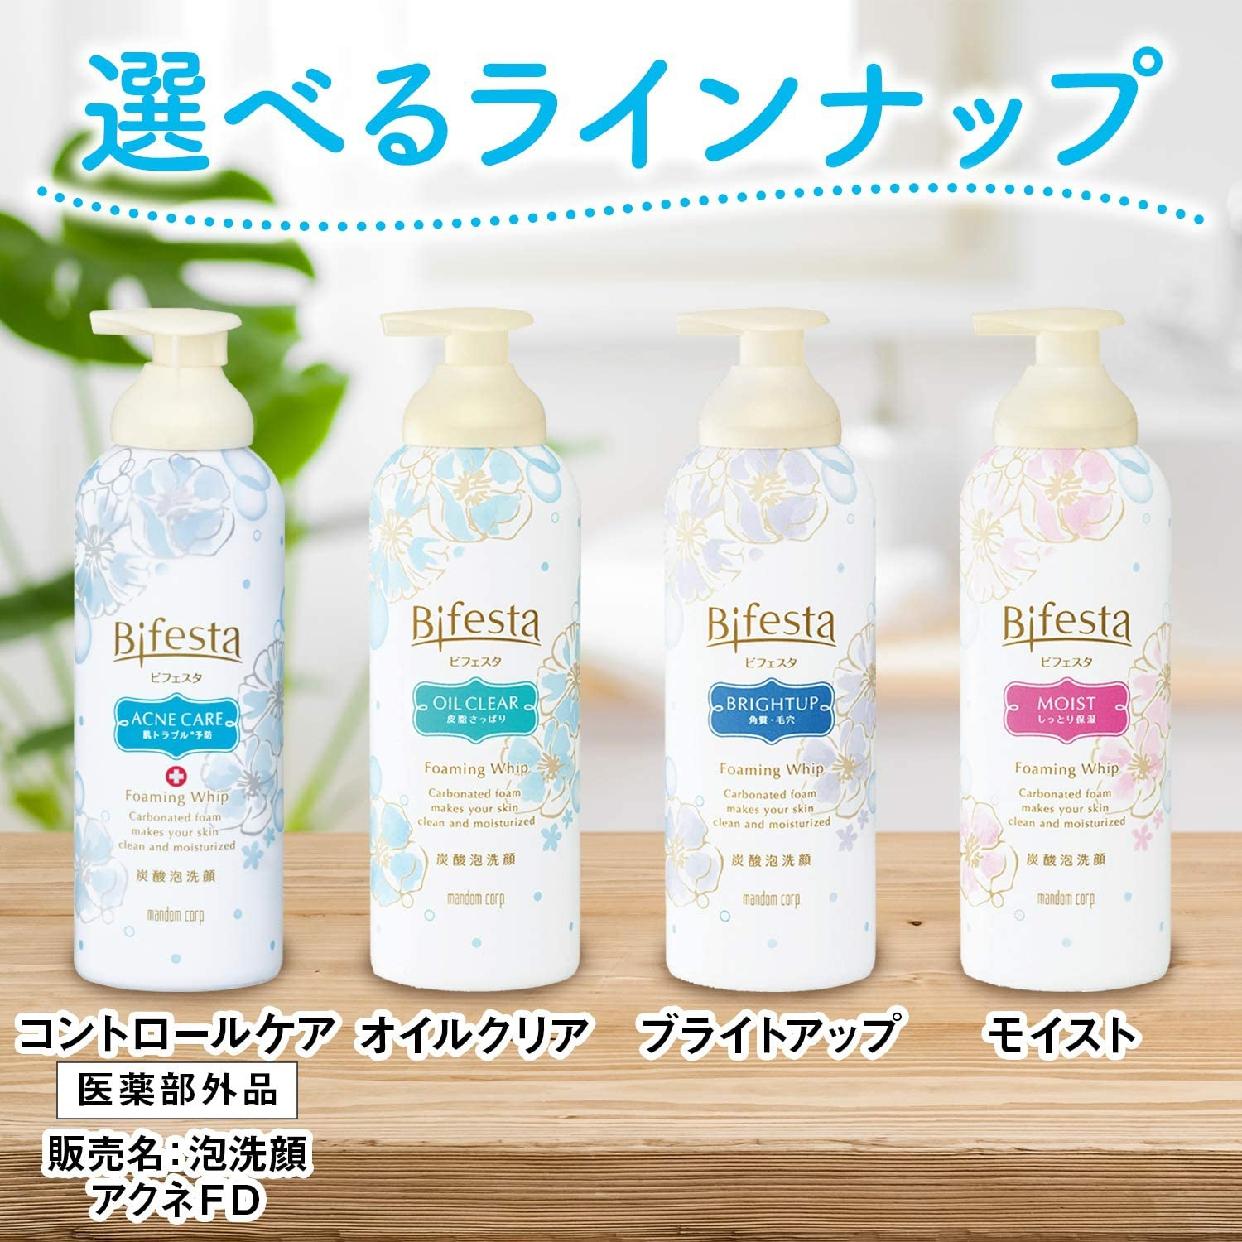 Bifesta(ビフェスタ) 泡洗顔 コントロールケアの商品画像10